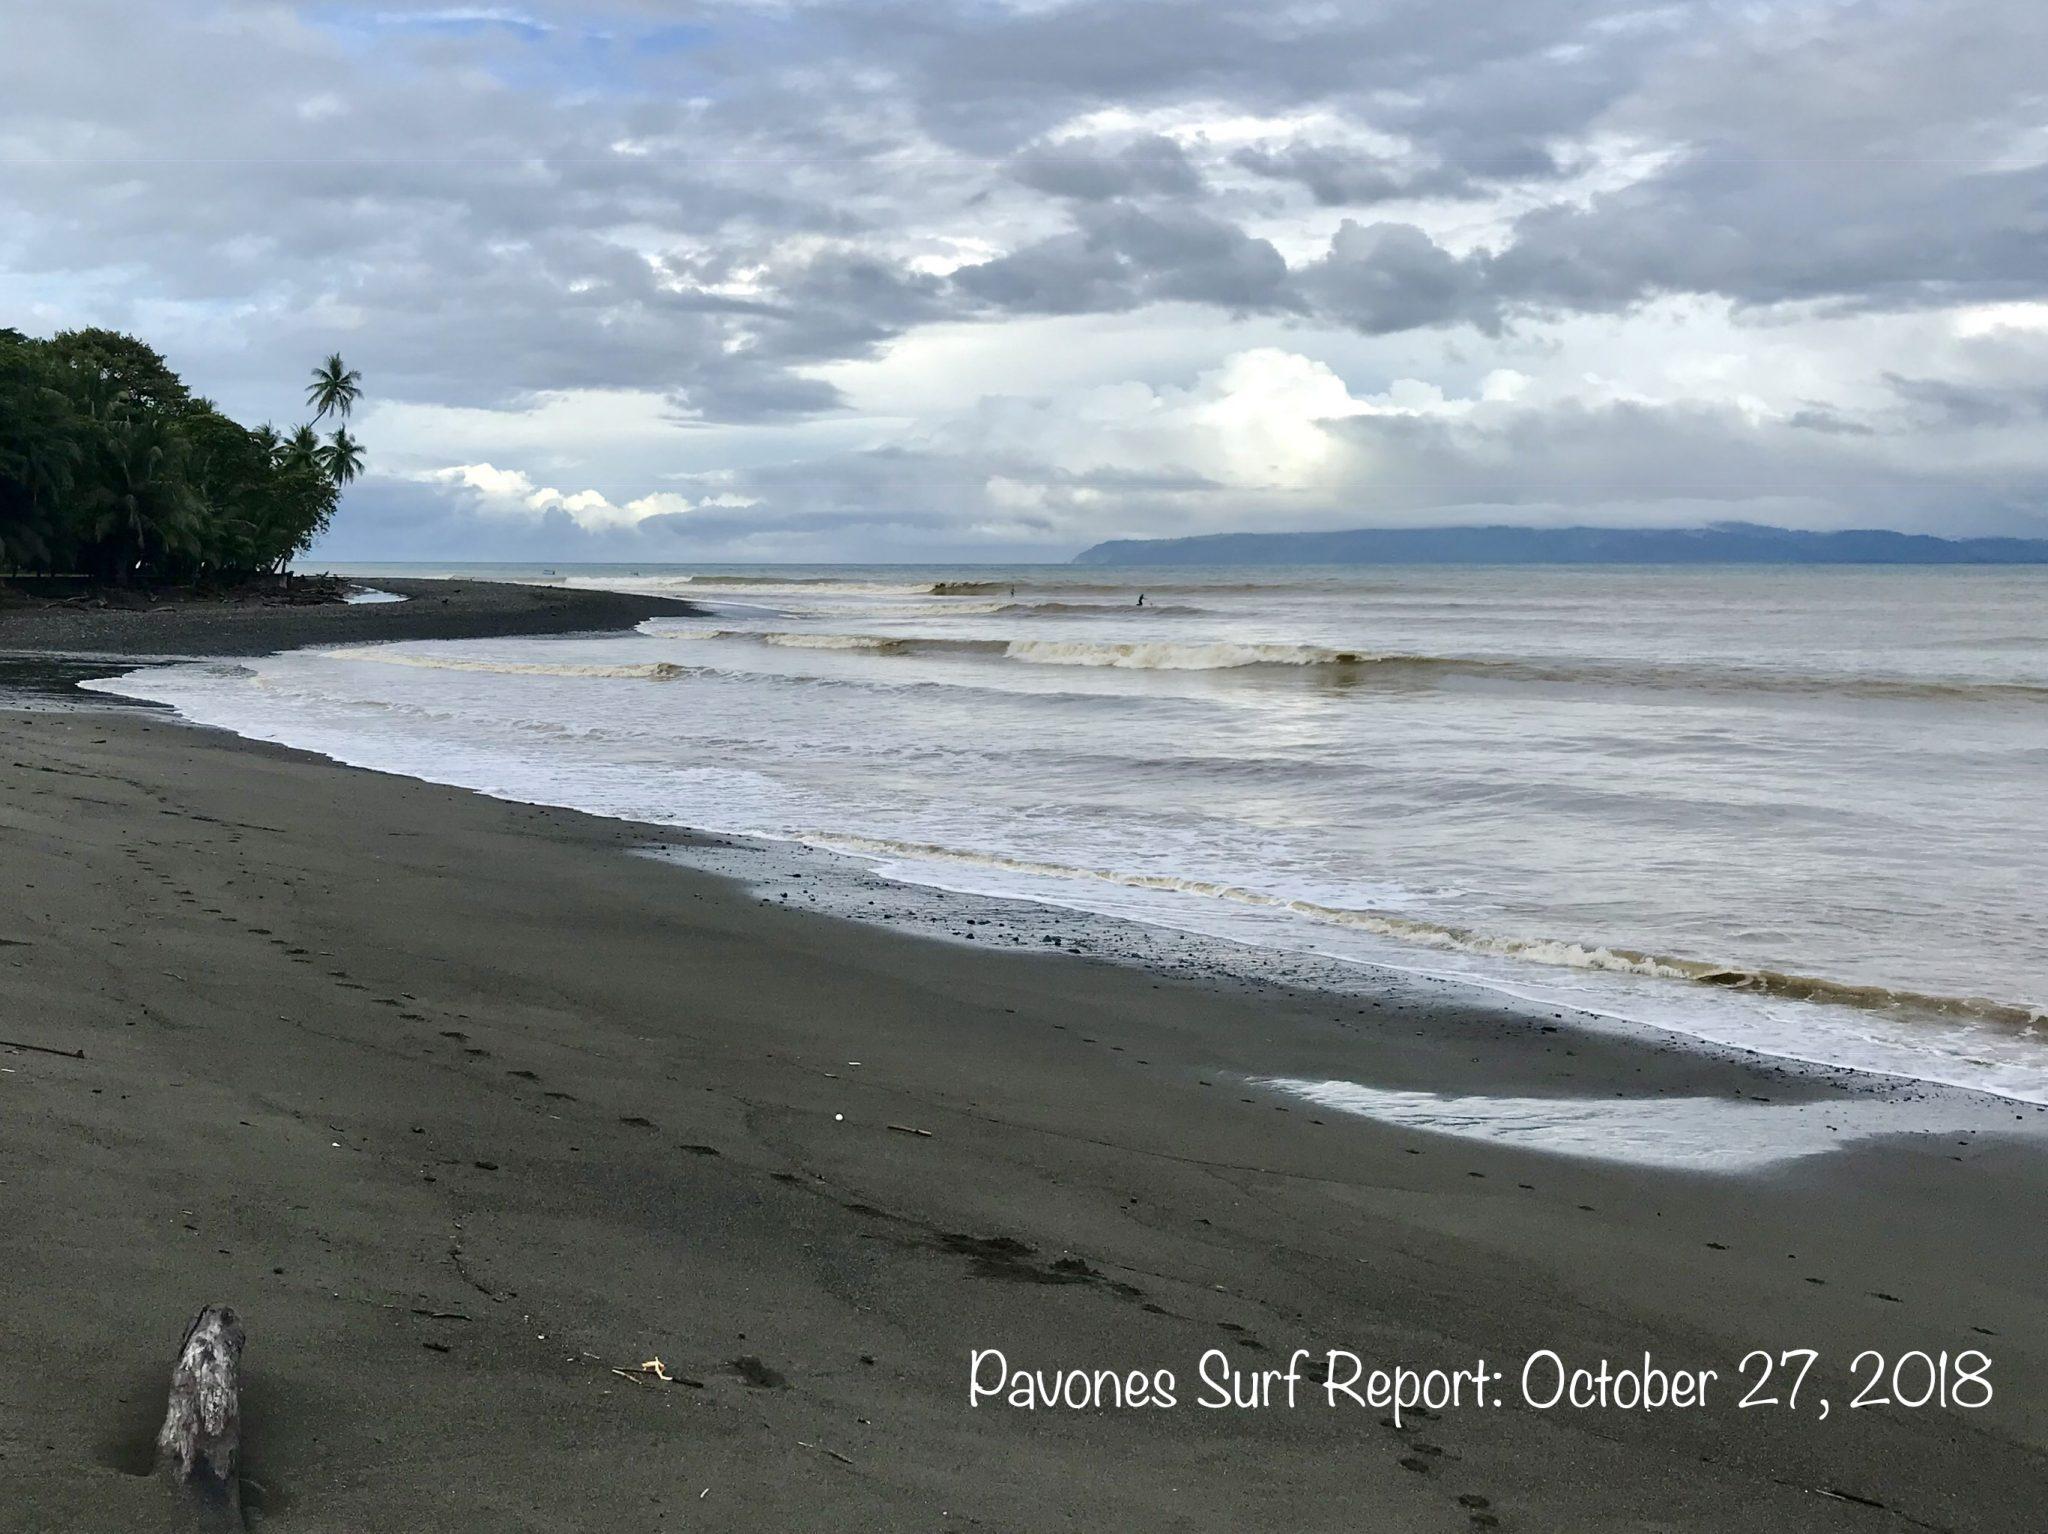 Pavones Costa Rica Surf Reports